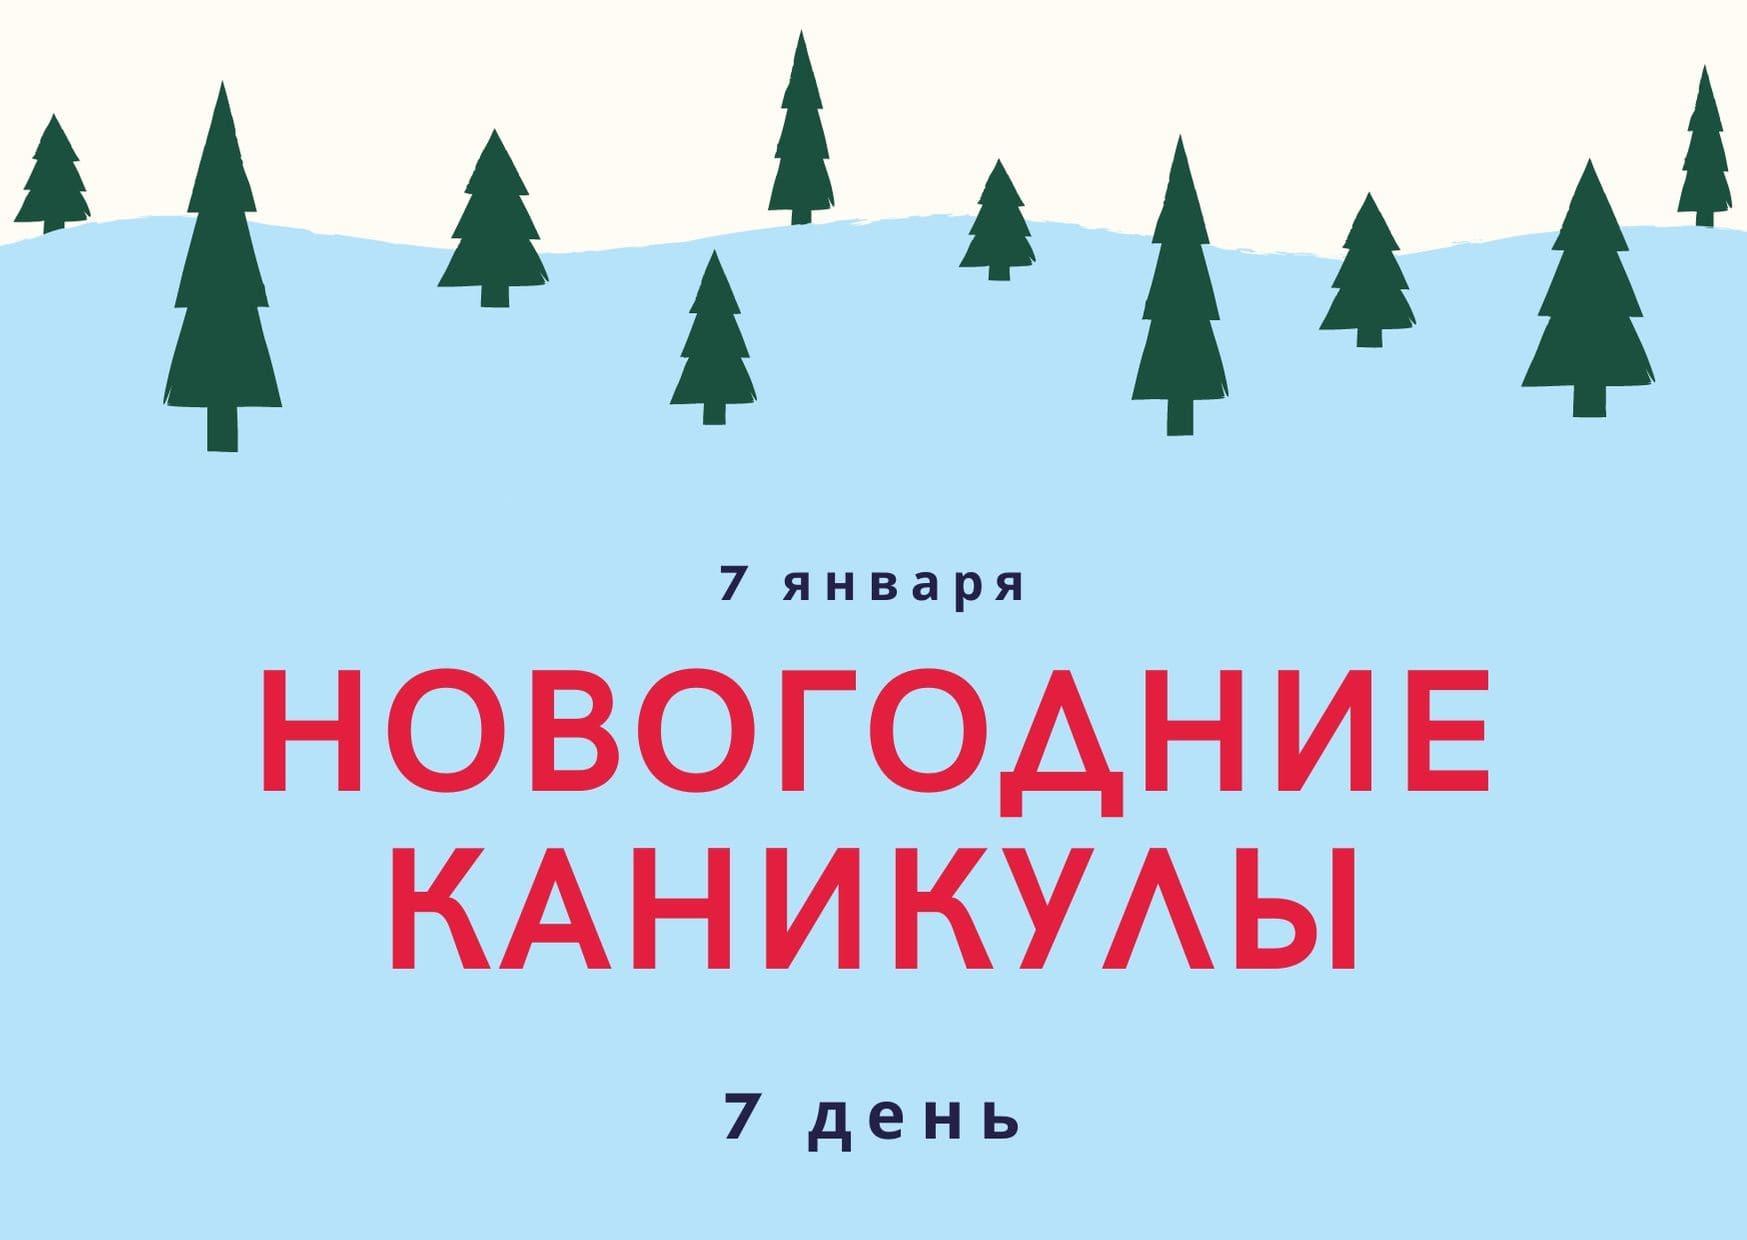 Новогодние каникулы. 7 день. 7 января